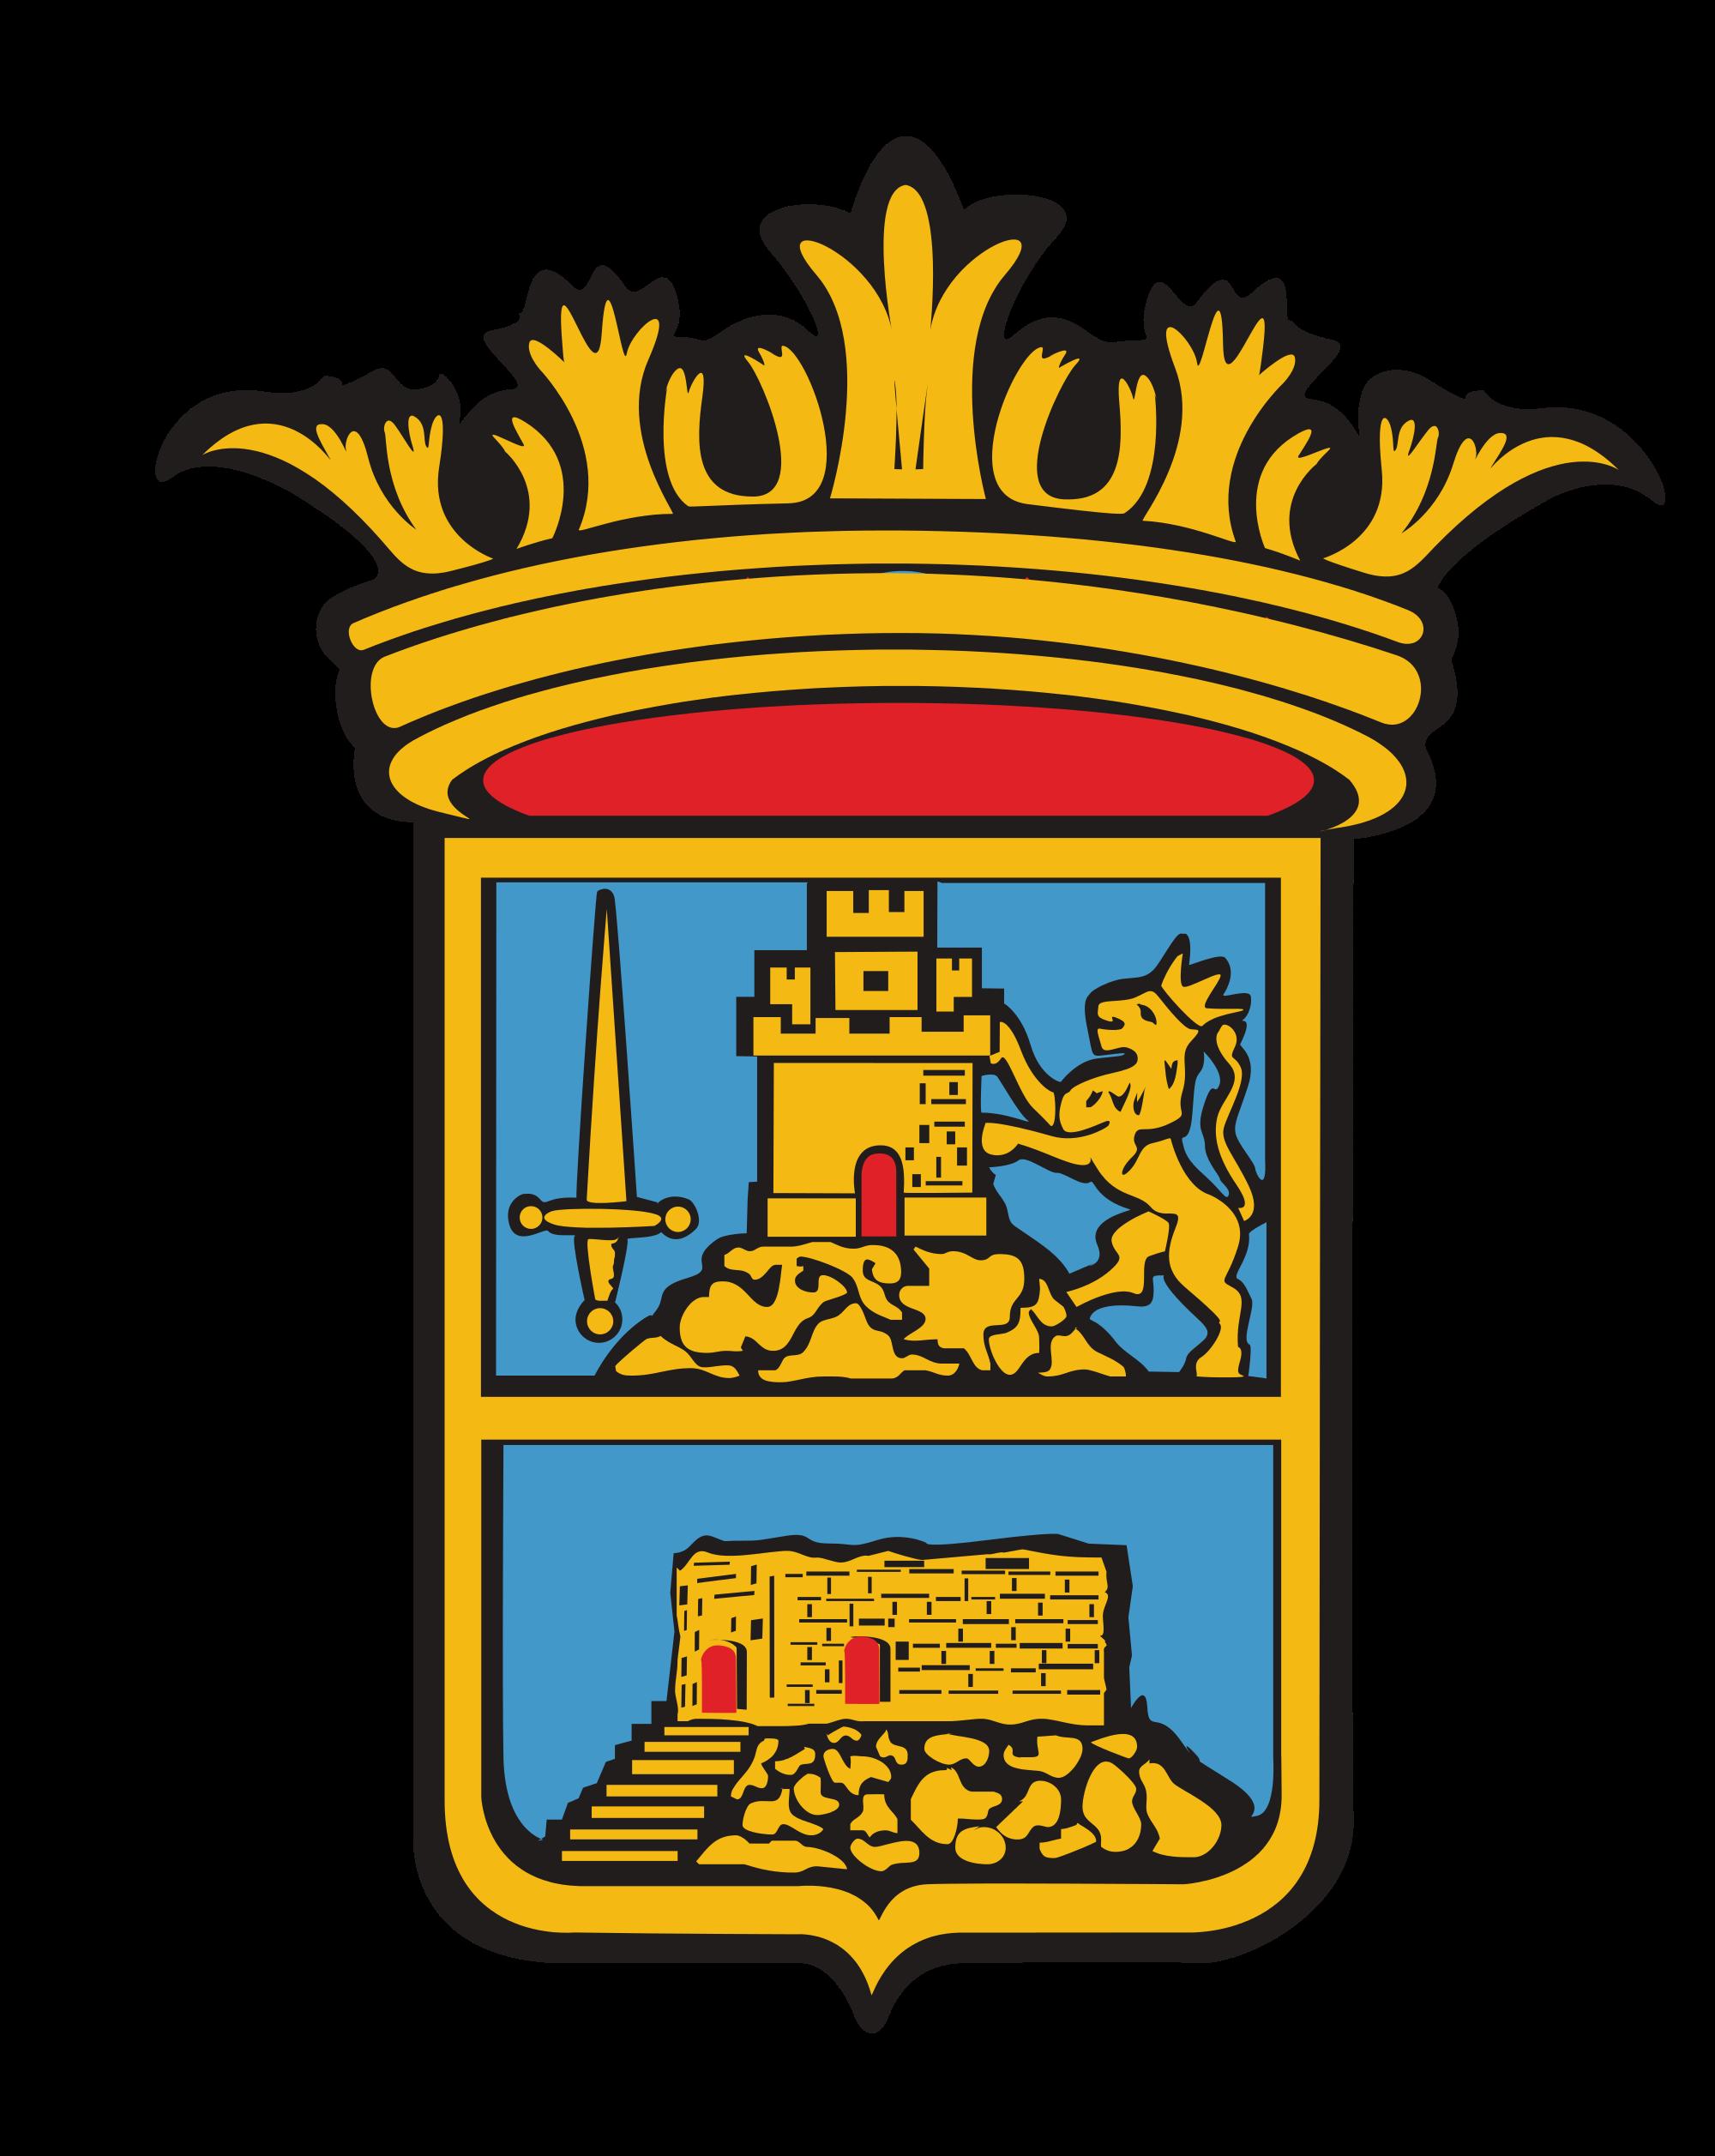 File:Escudo Ayuntamiento de Alhama de Murcia.svg.